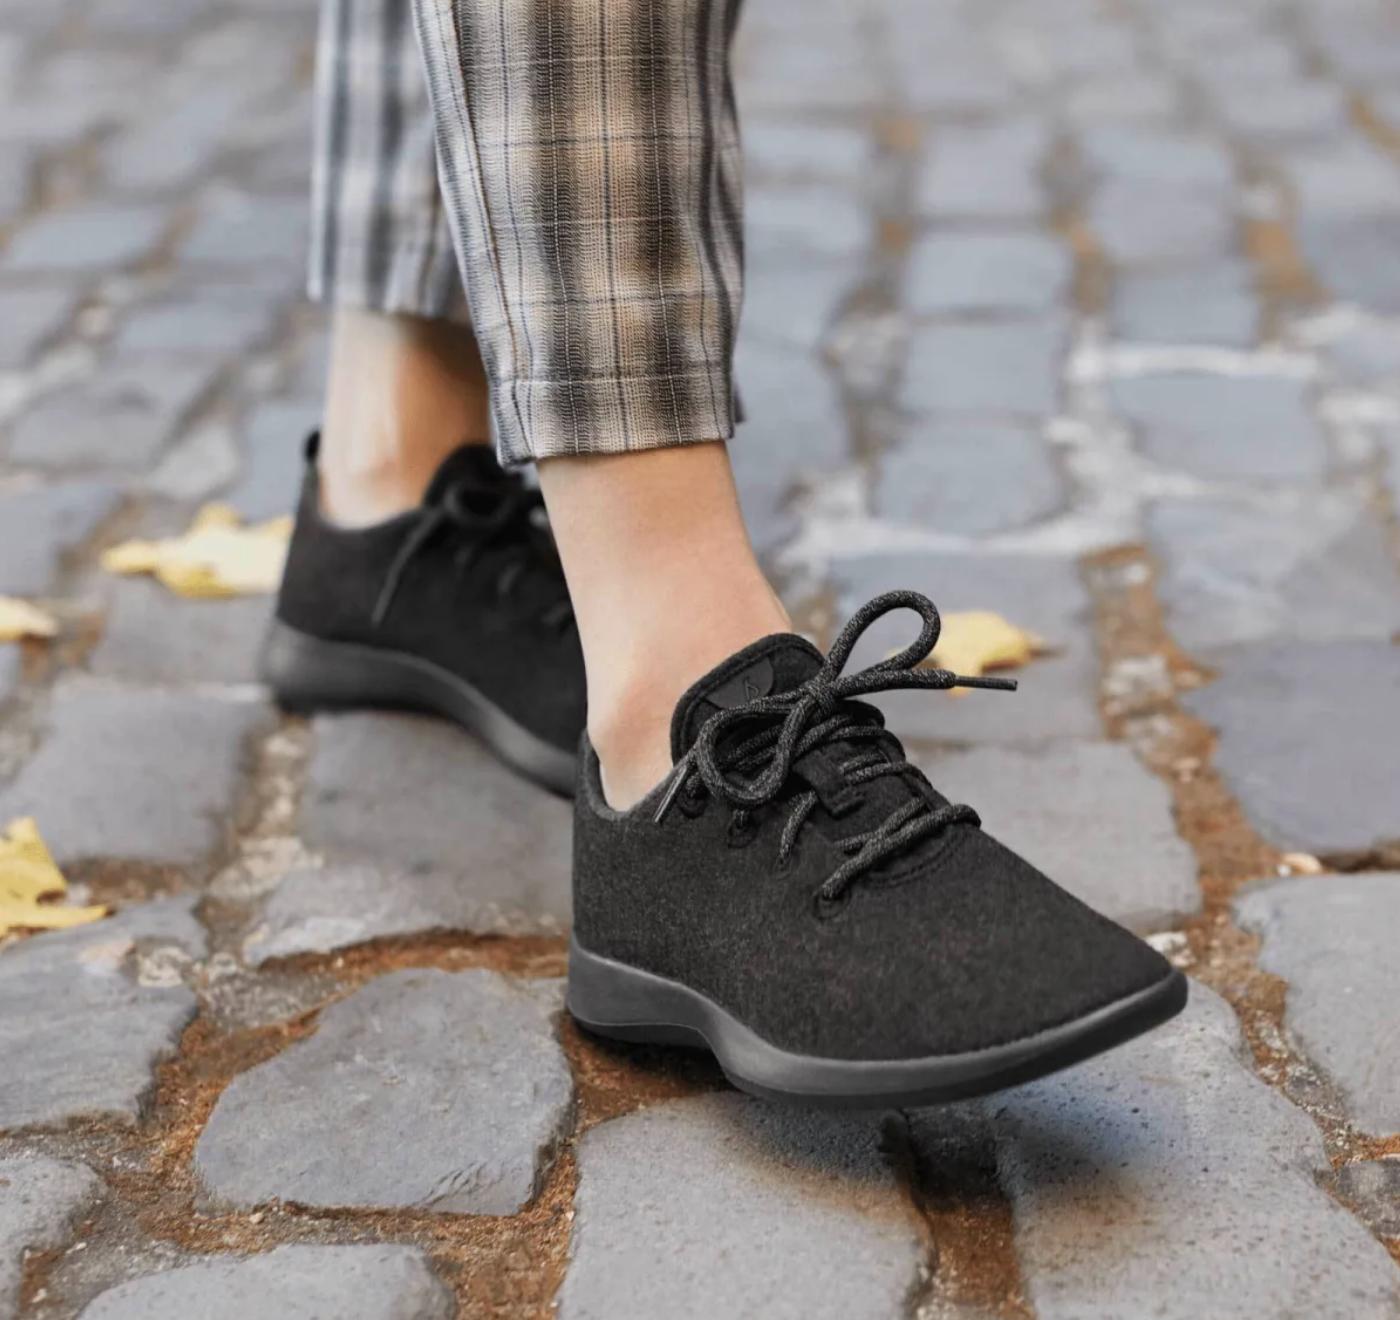 model in all black Allbirds wool sneakers